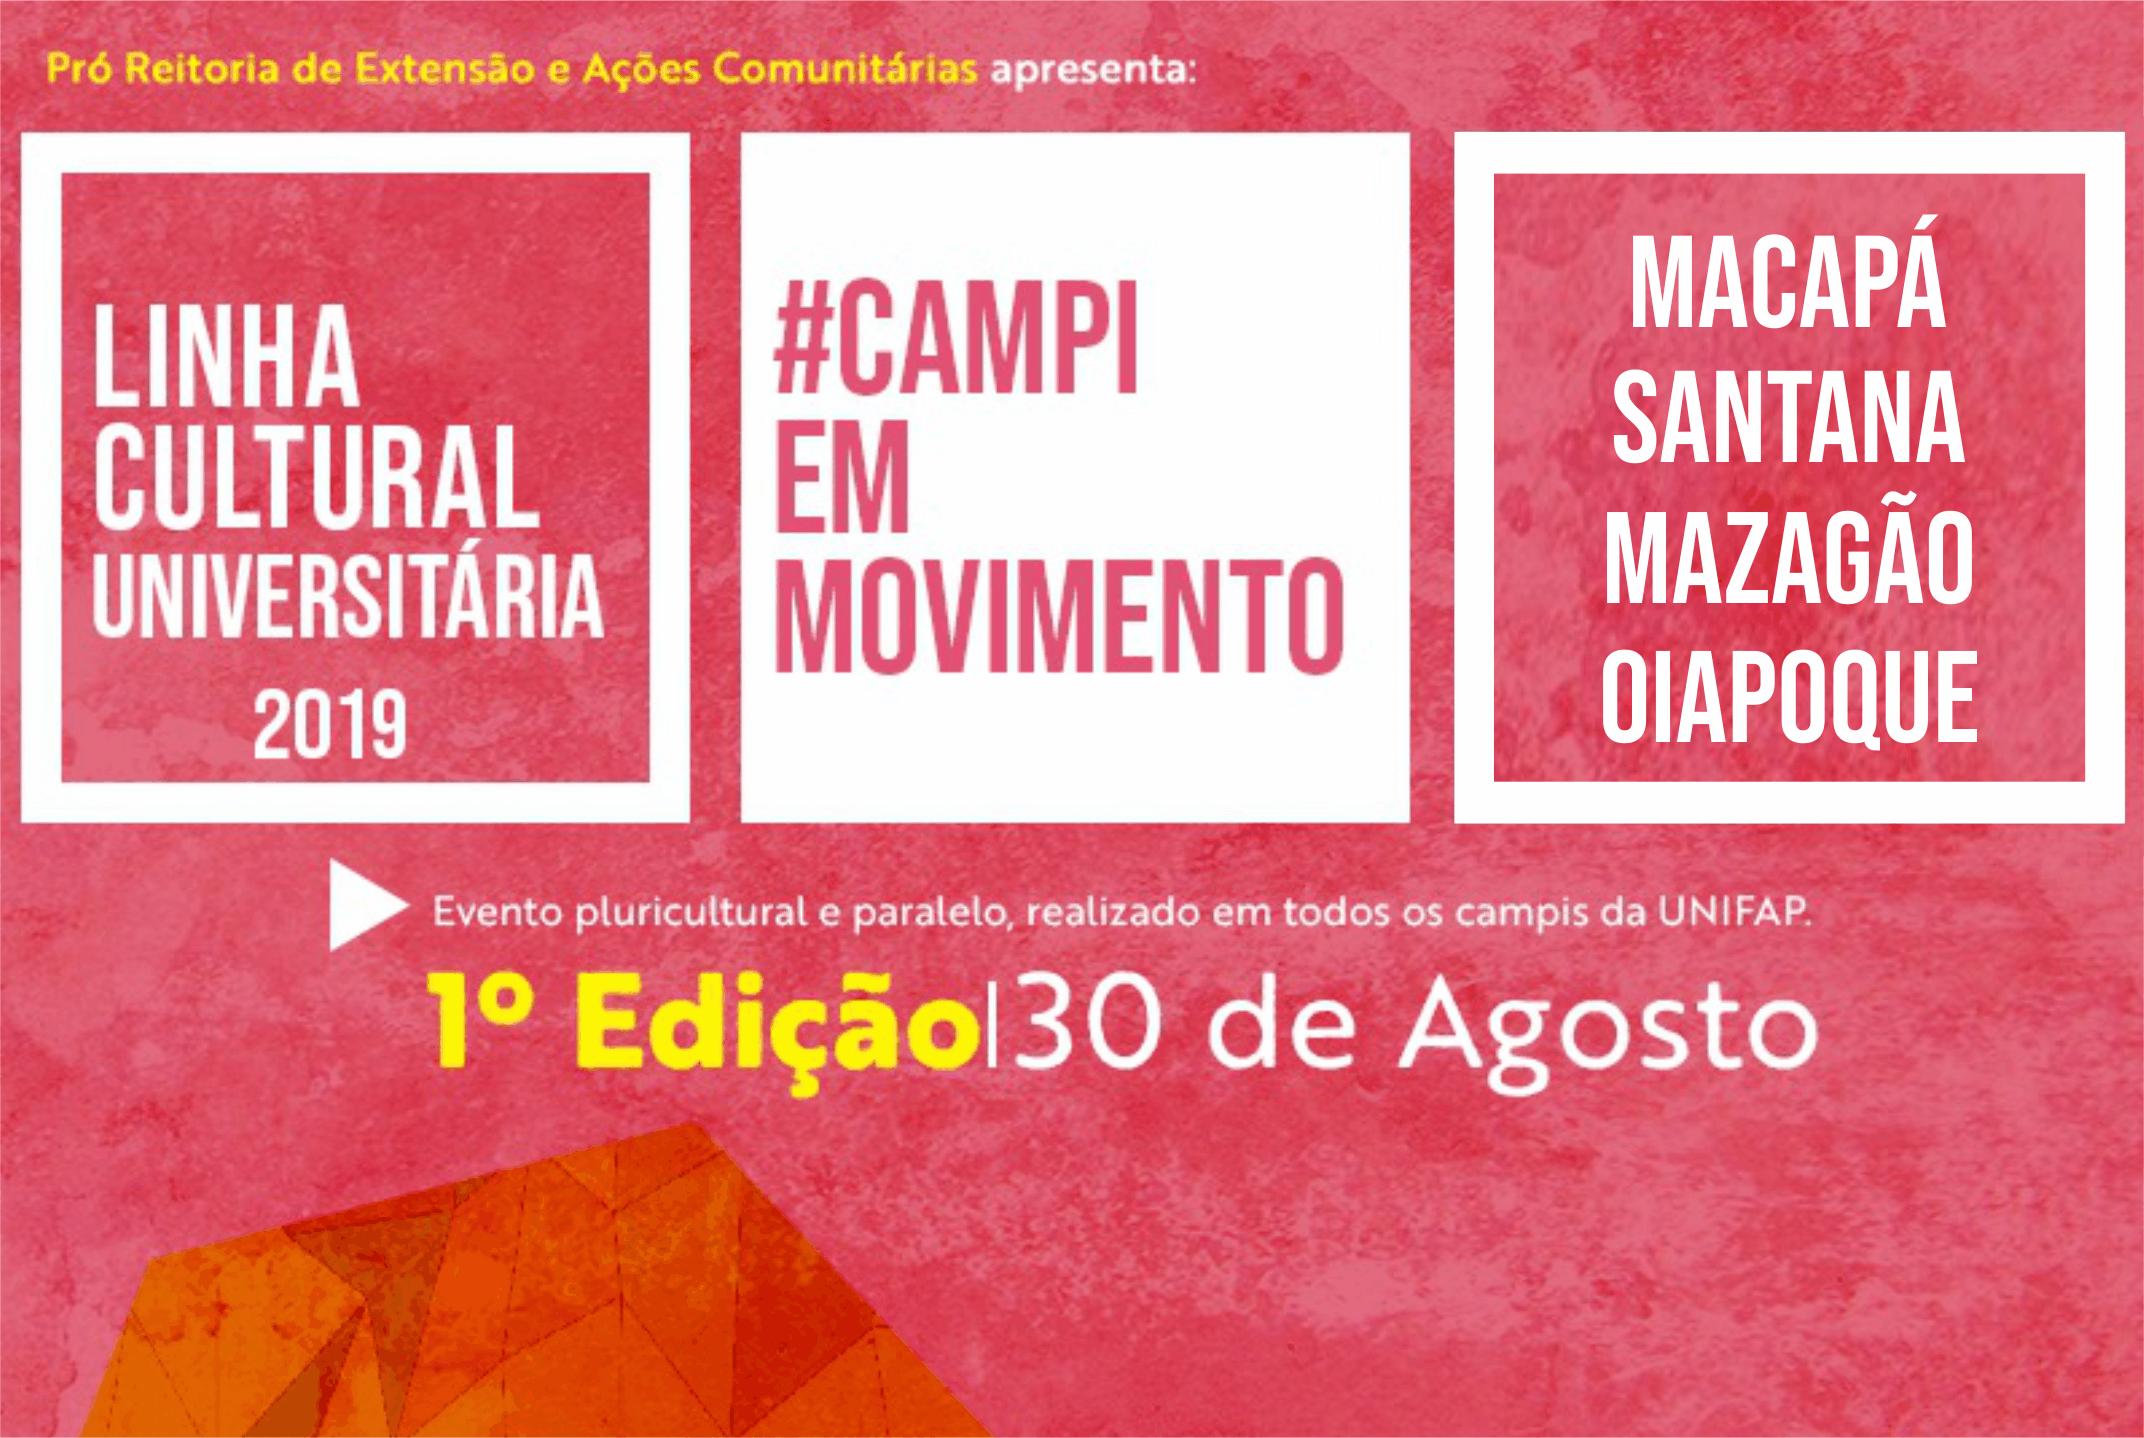 Projeto Cultural promoverá diversas atividades nos Campi da UNIFAP